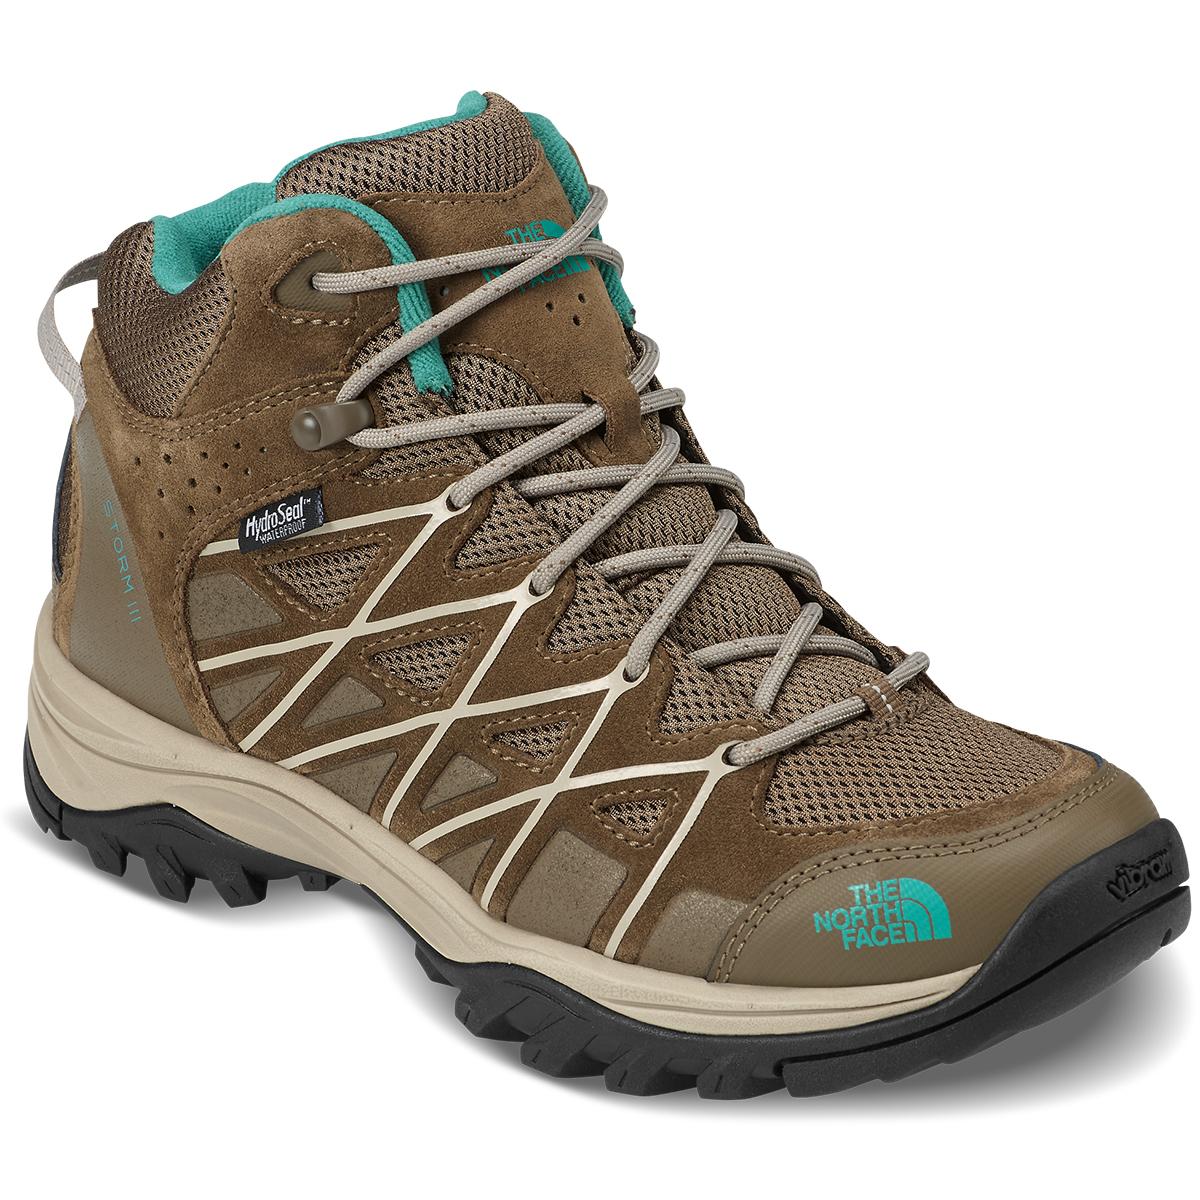 Storm III Mid Waterproof Hiking Boots